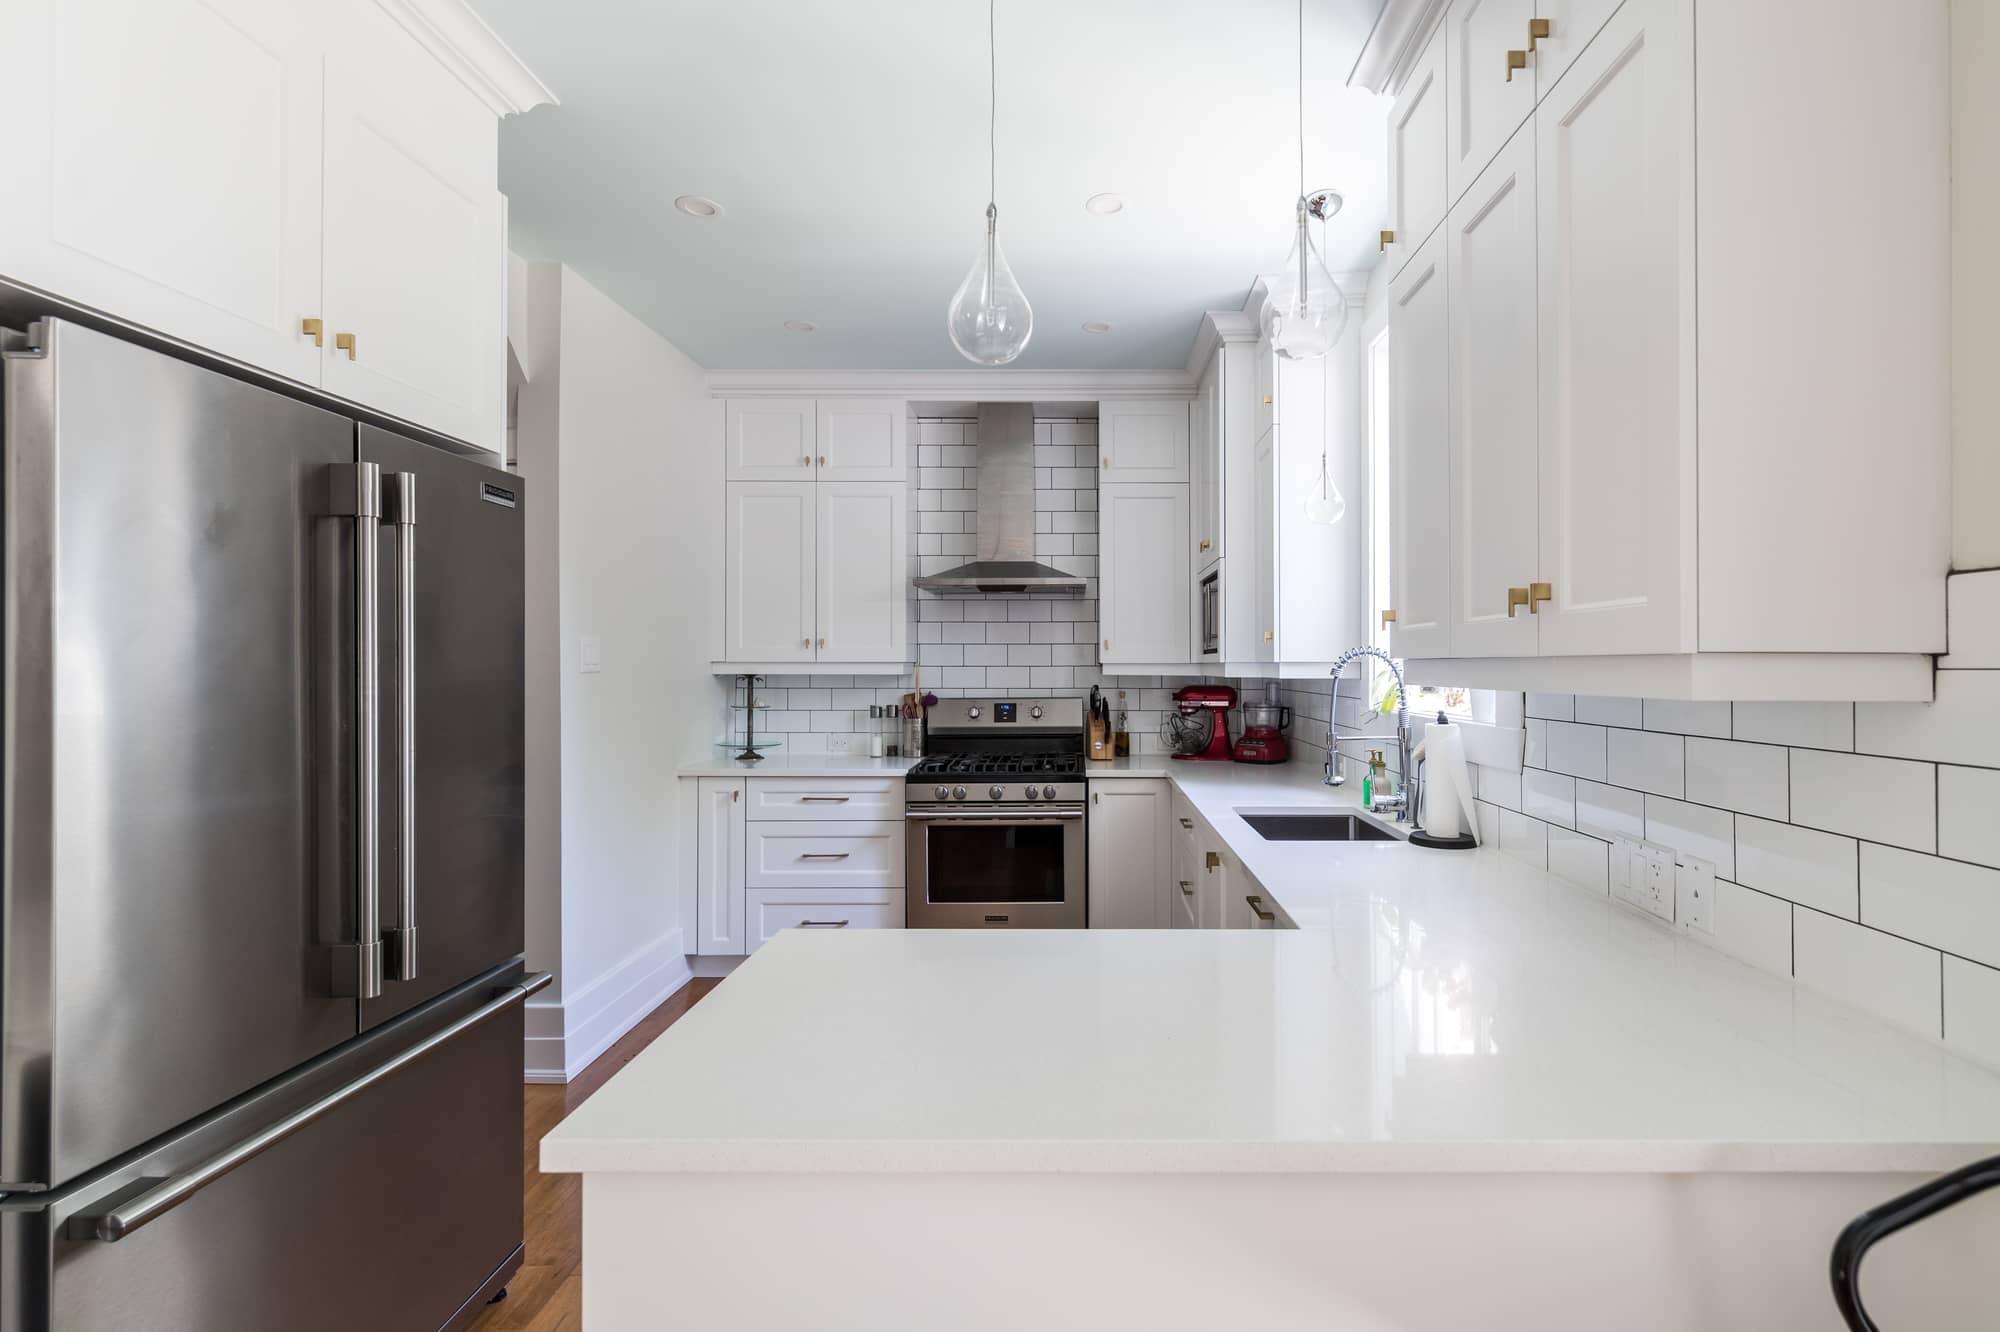 Rénovation de cuisine contemporaine blanche avec réfrigérateur en stainless